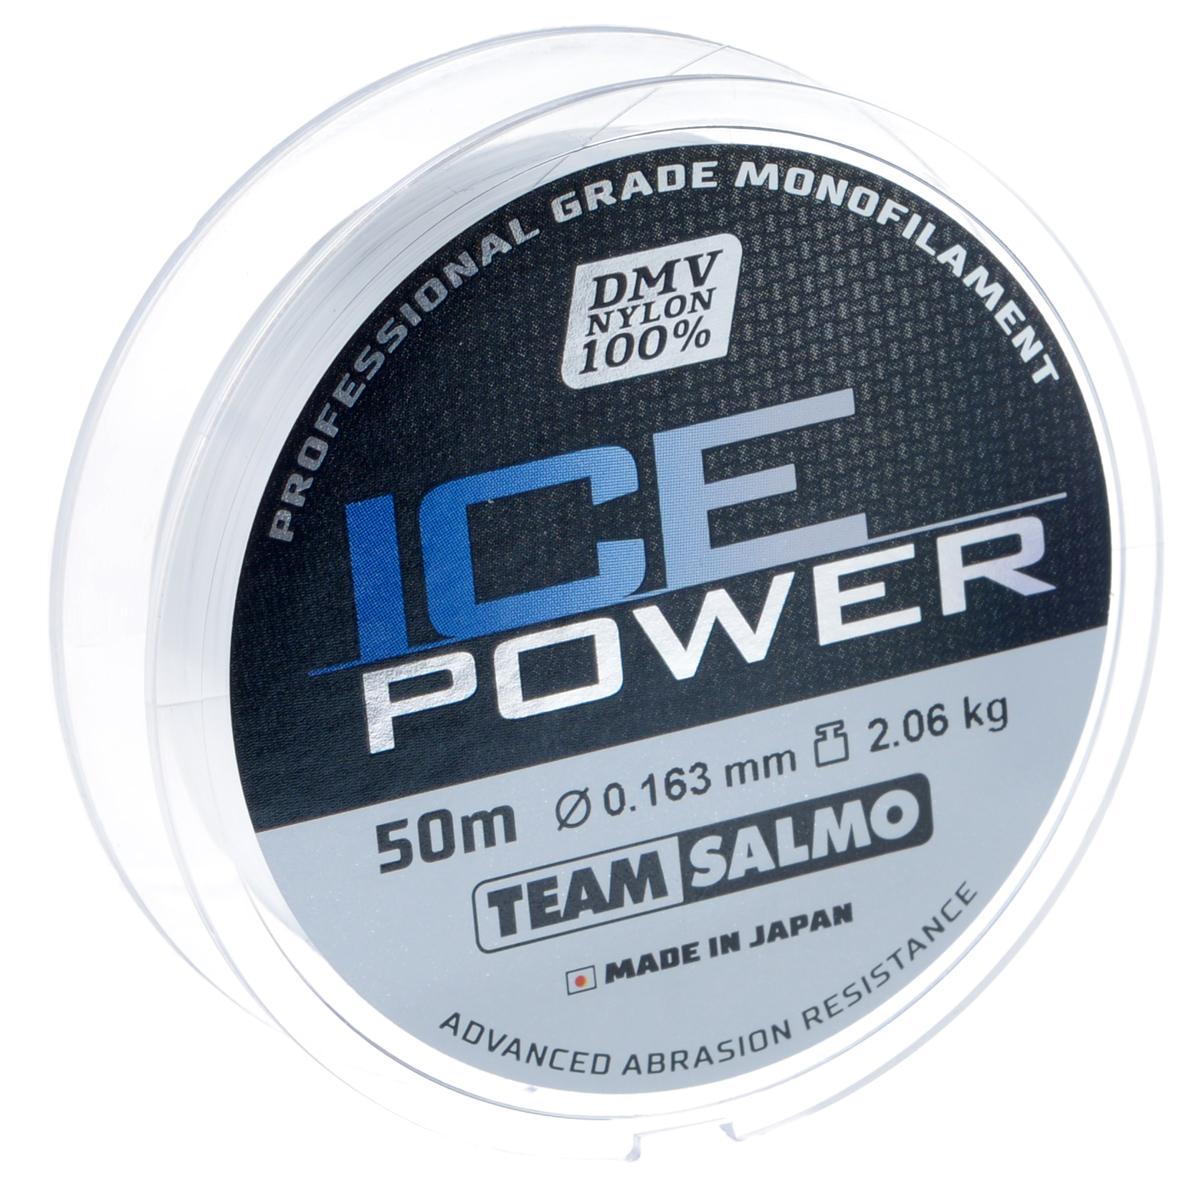 Леска монофильная Team Salmo Ice Power, сечение 0,163 мм, длина 50 м4271842Team Salmo Ice Power - это леска последнего поколения, идеально калиброванная по всей длине, с точностью, определяемой до третьего знака. Материал, из которого изготовлена леска, обладает повышенной абразивной устойчивостью и не взаимодействует с водой, поэтому на морозе не теряет своих физических свойств, что значительно увеличивает срок ее службы. У лески отсутствует память, поэтому в процессе эксплуатации она не деформируется. Низкий коэффициент растяжимости делает леску максимально чувствительной, при этом она практически незаметна для рыбы. Леска производится использованием самого высококачественного сырья и новейших технологий.